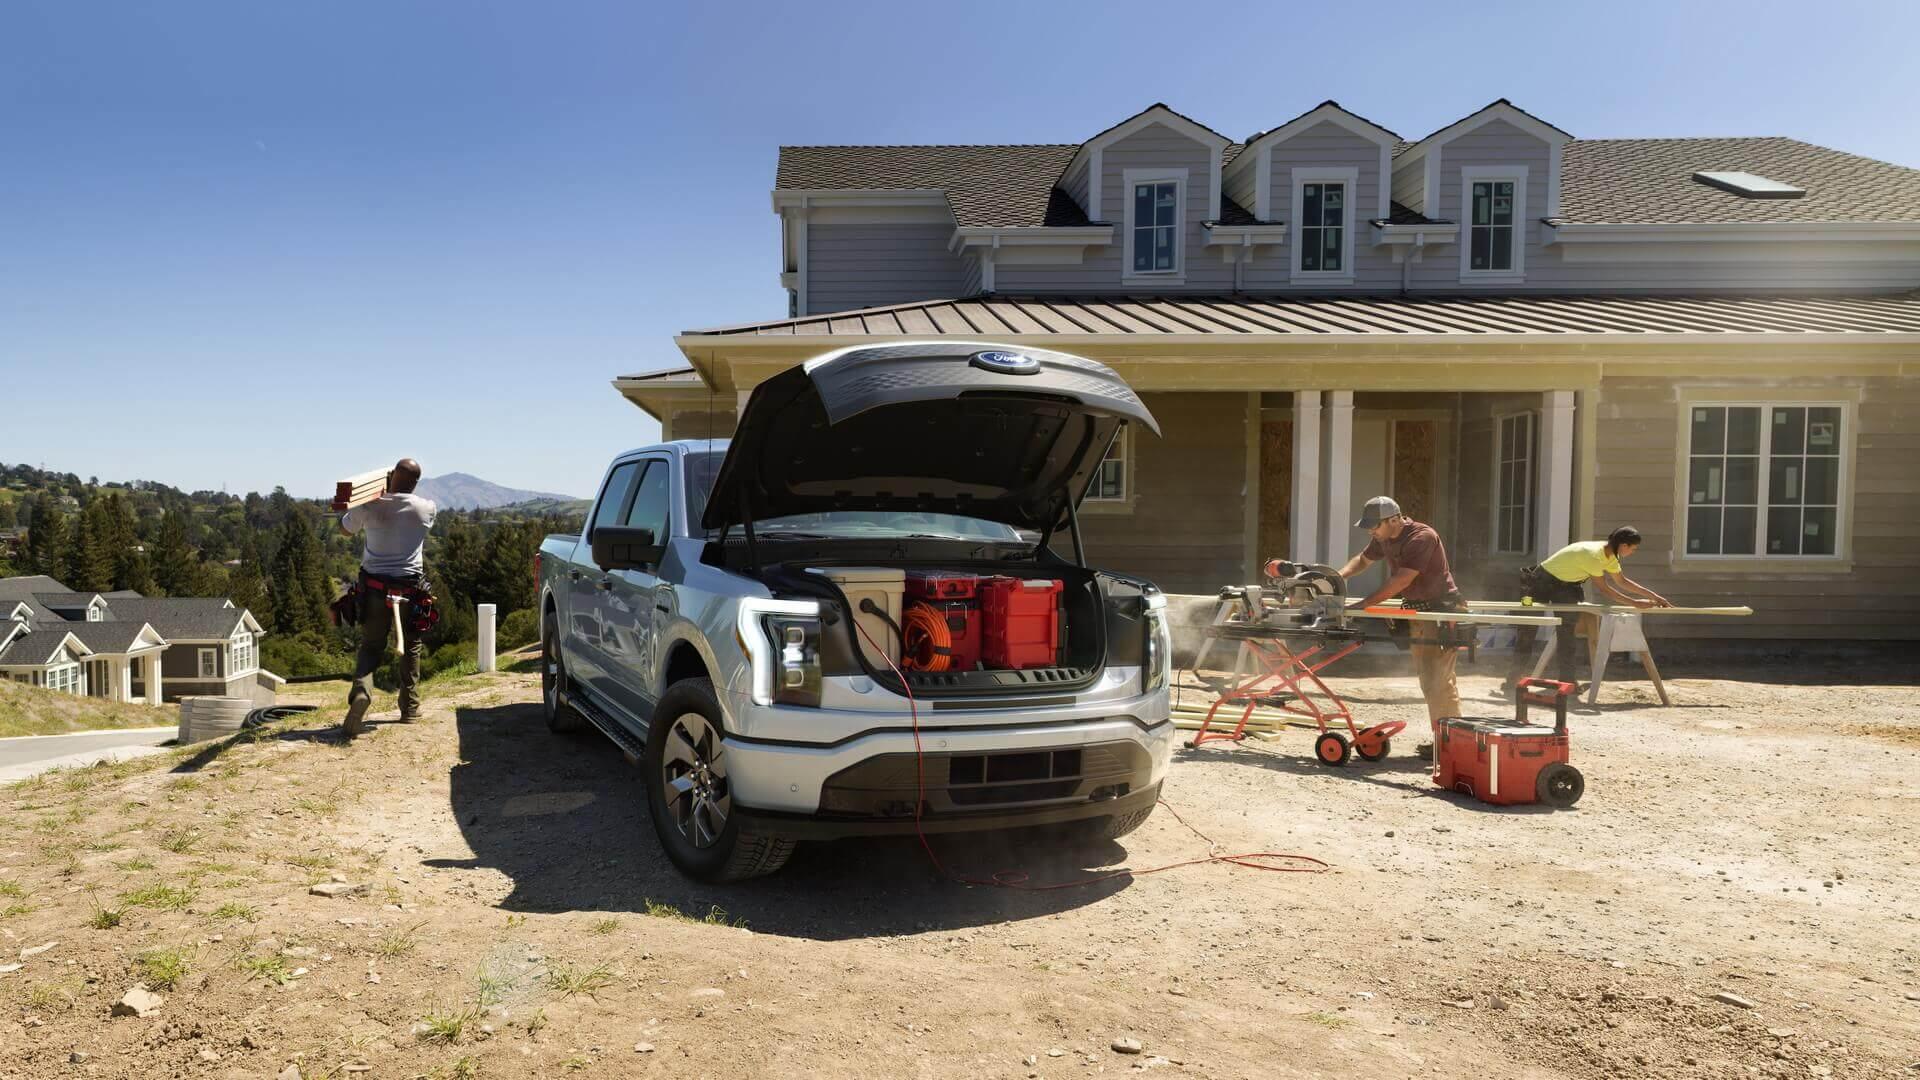 Ford F-150 Lightning вероятно получил самый большой передний багажник среди всех серийных автомобилей